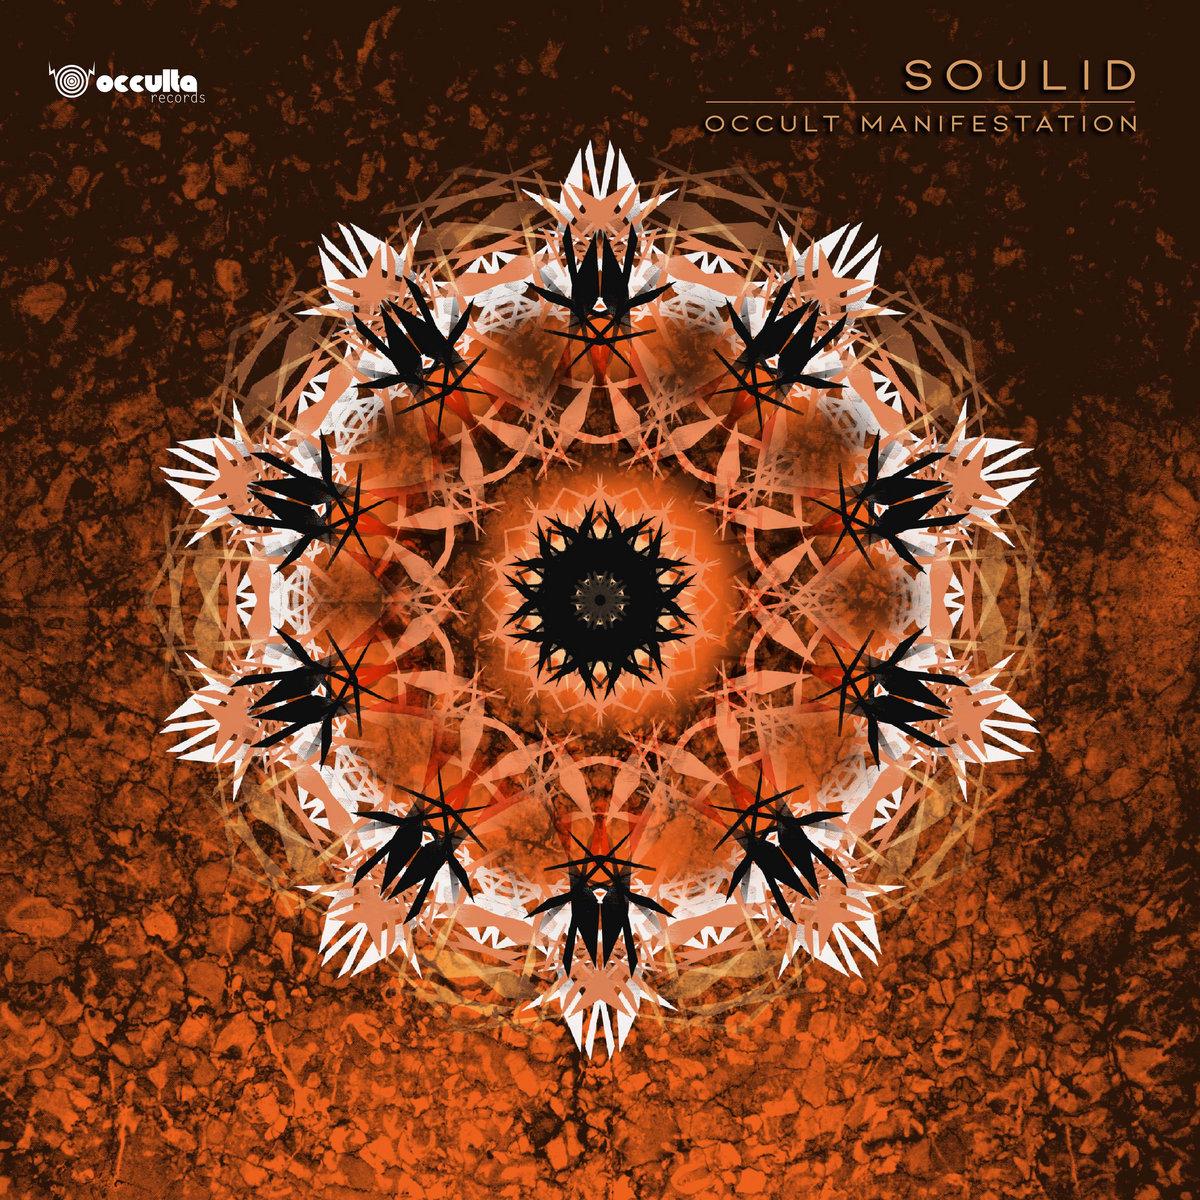 Soulid - Occult Manifestation